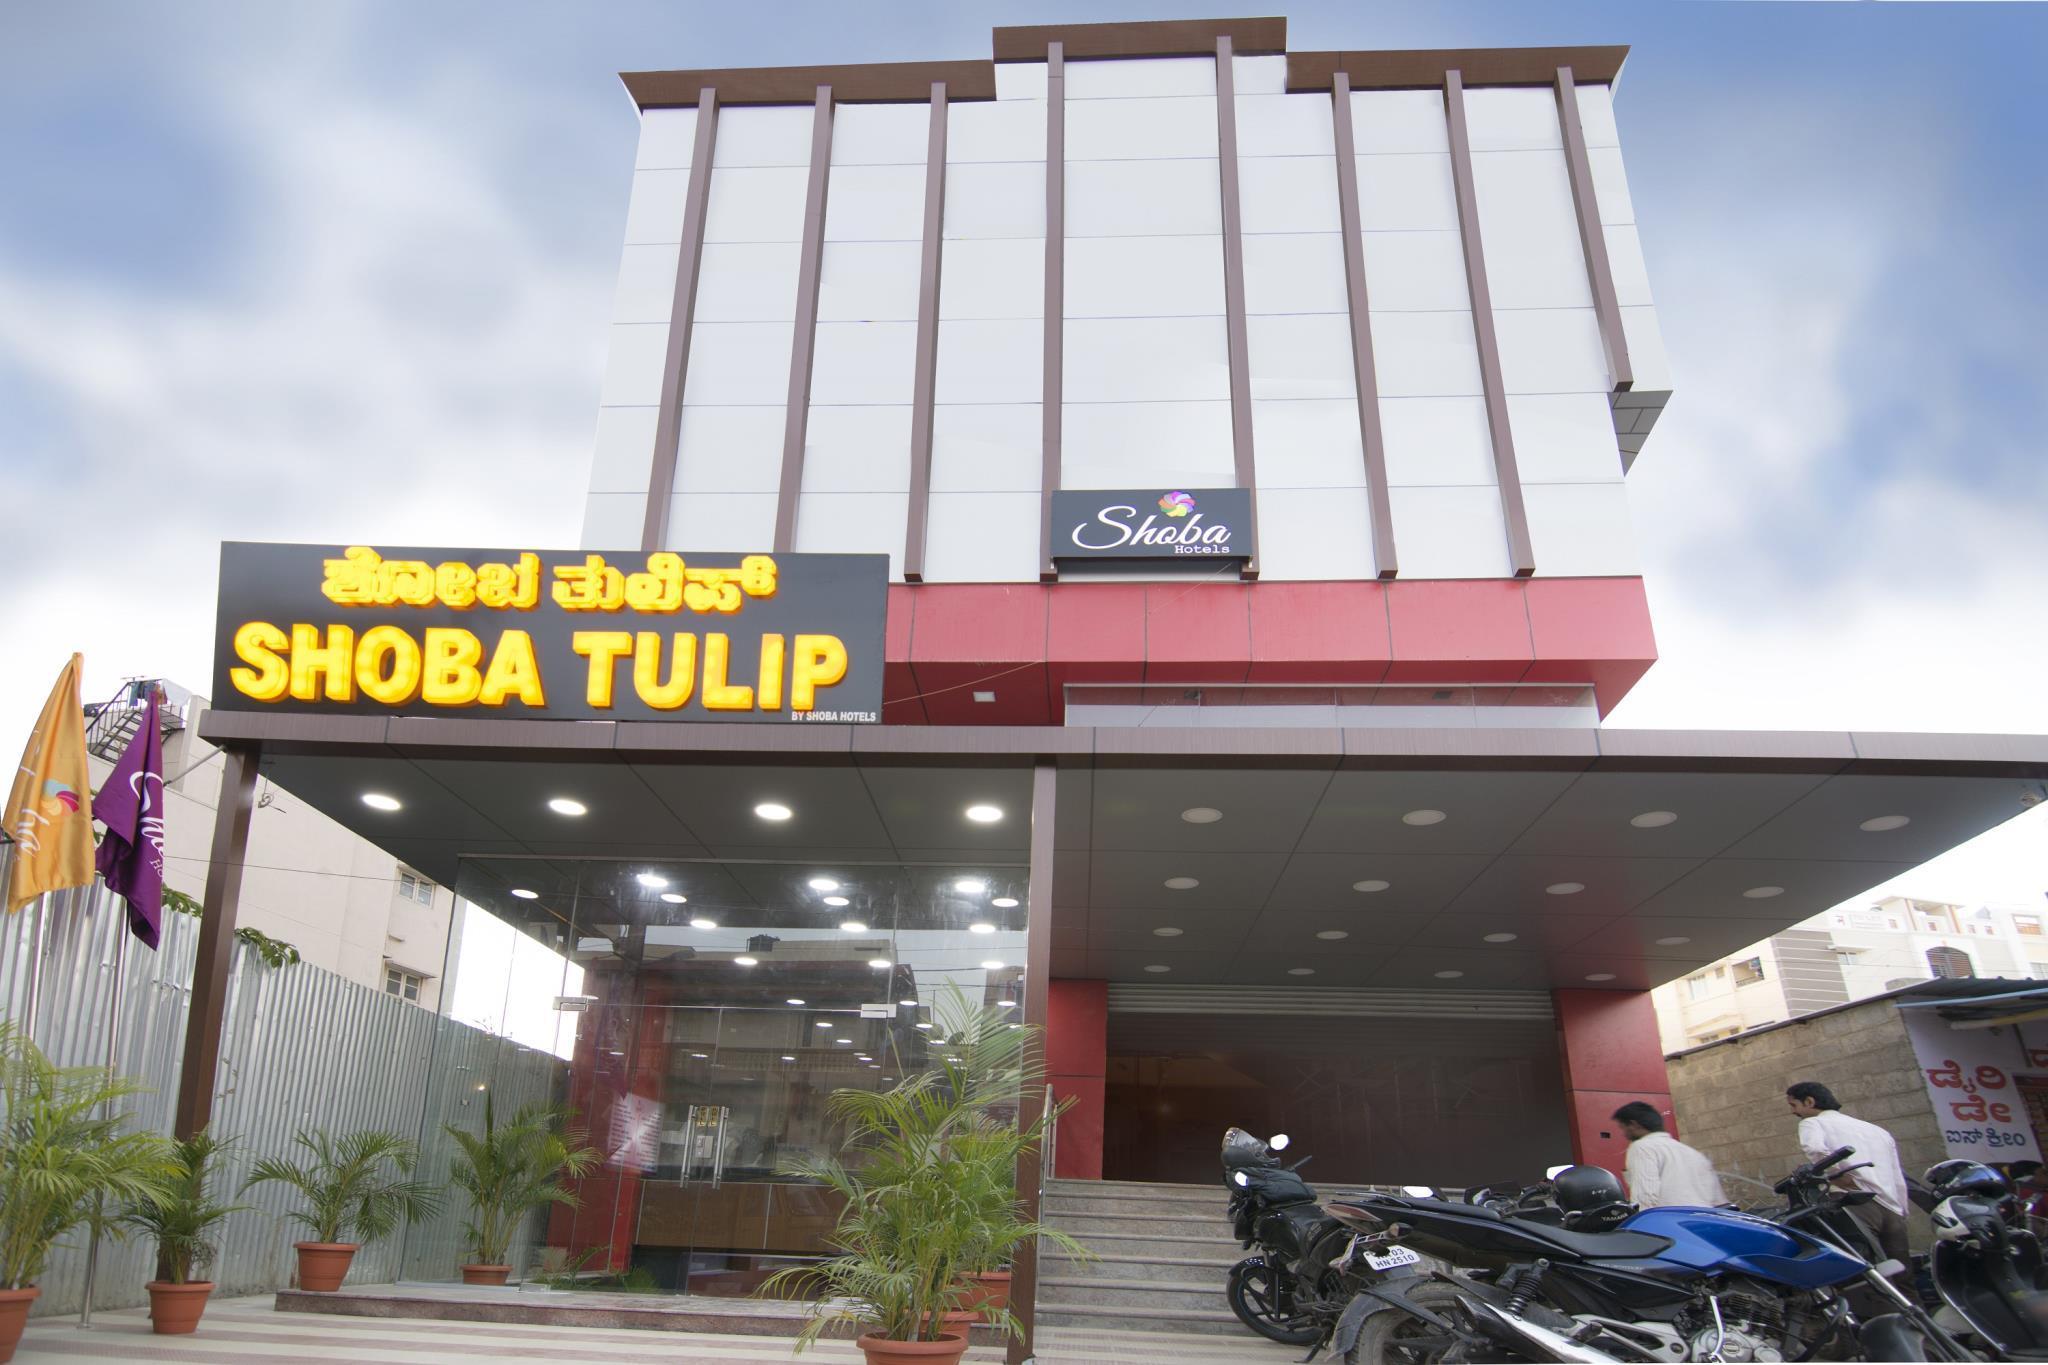 Shoba Tulip